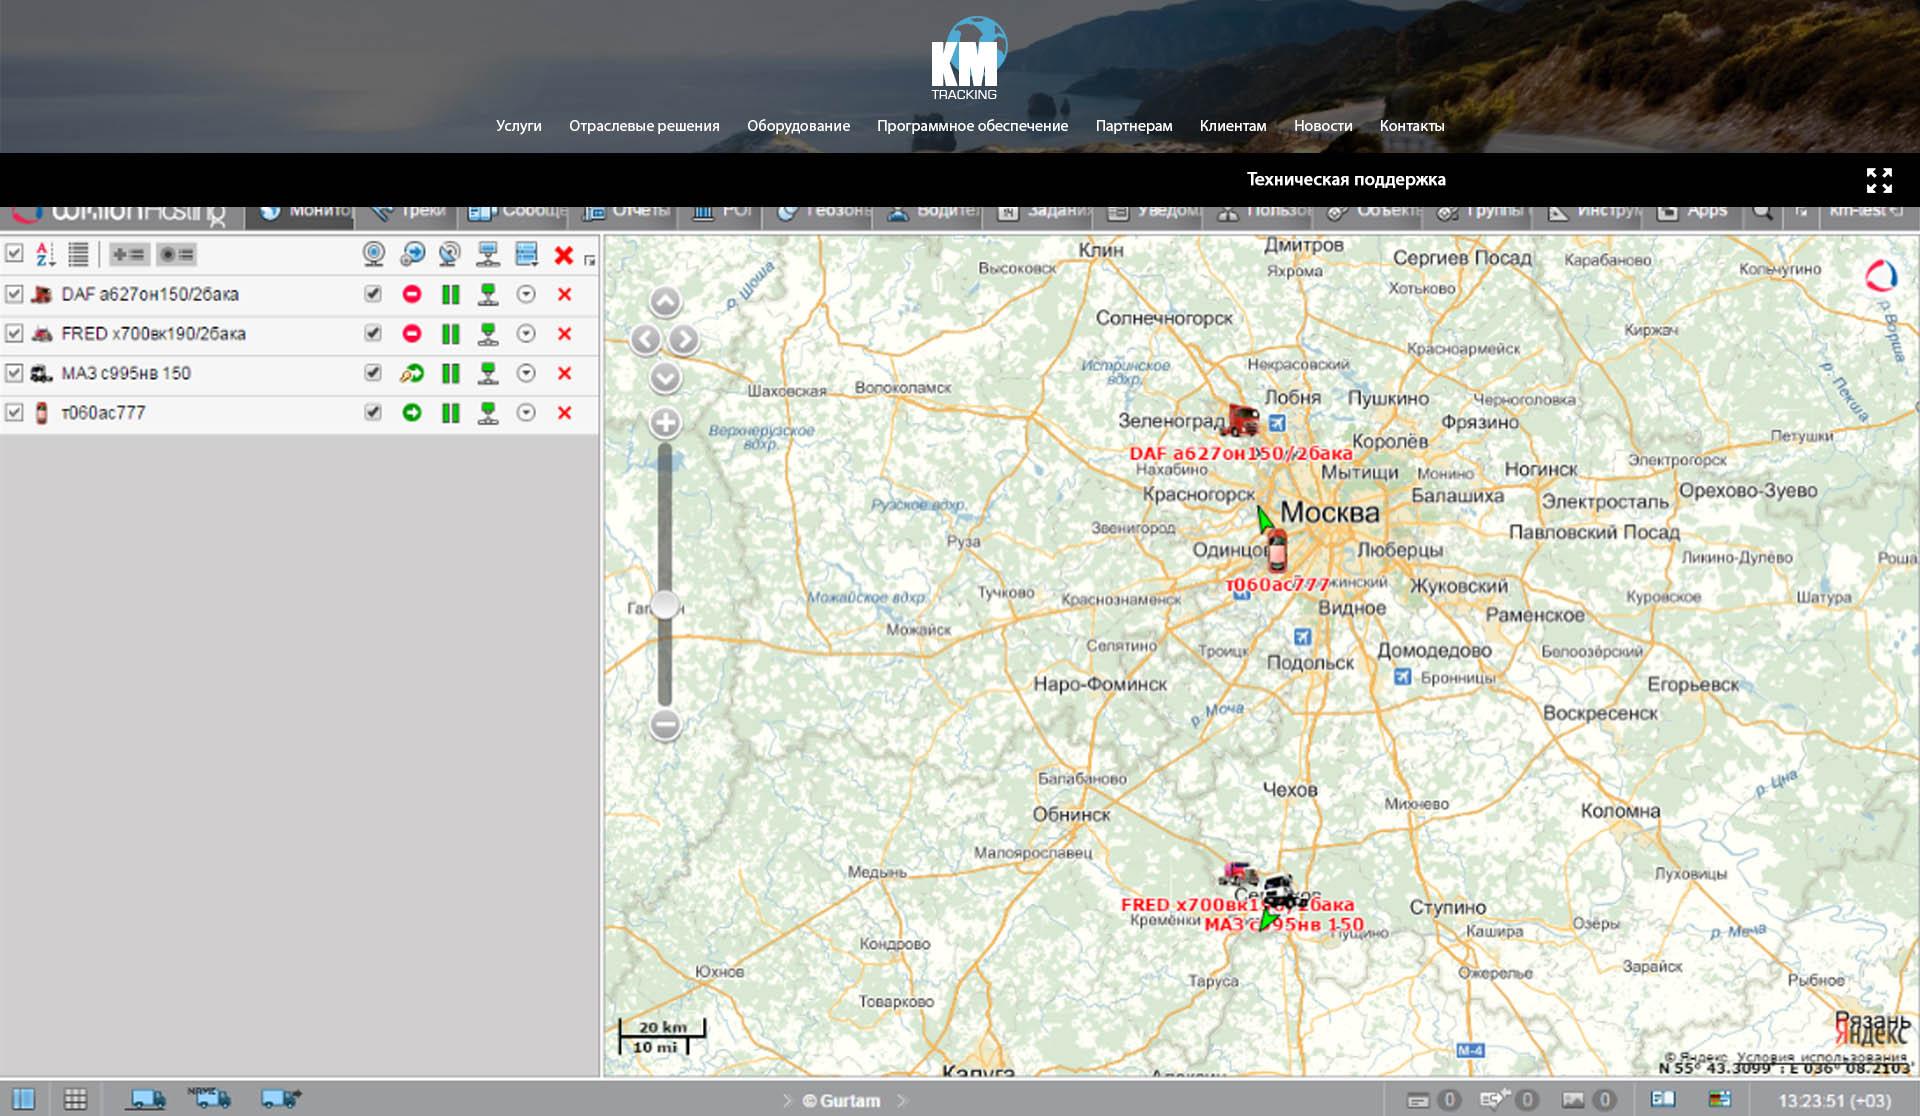 Макет сайта Мониторинг транспорта 7